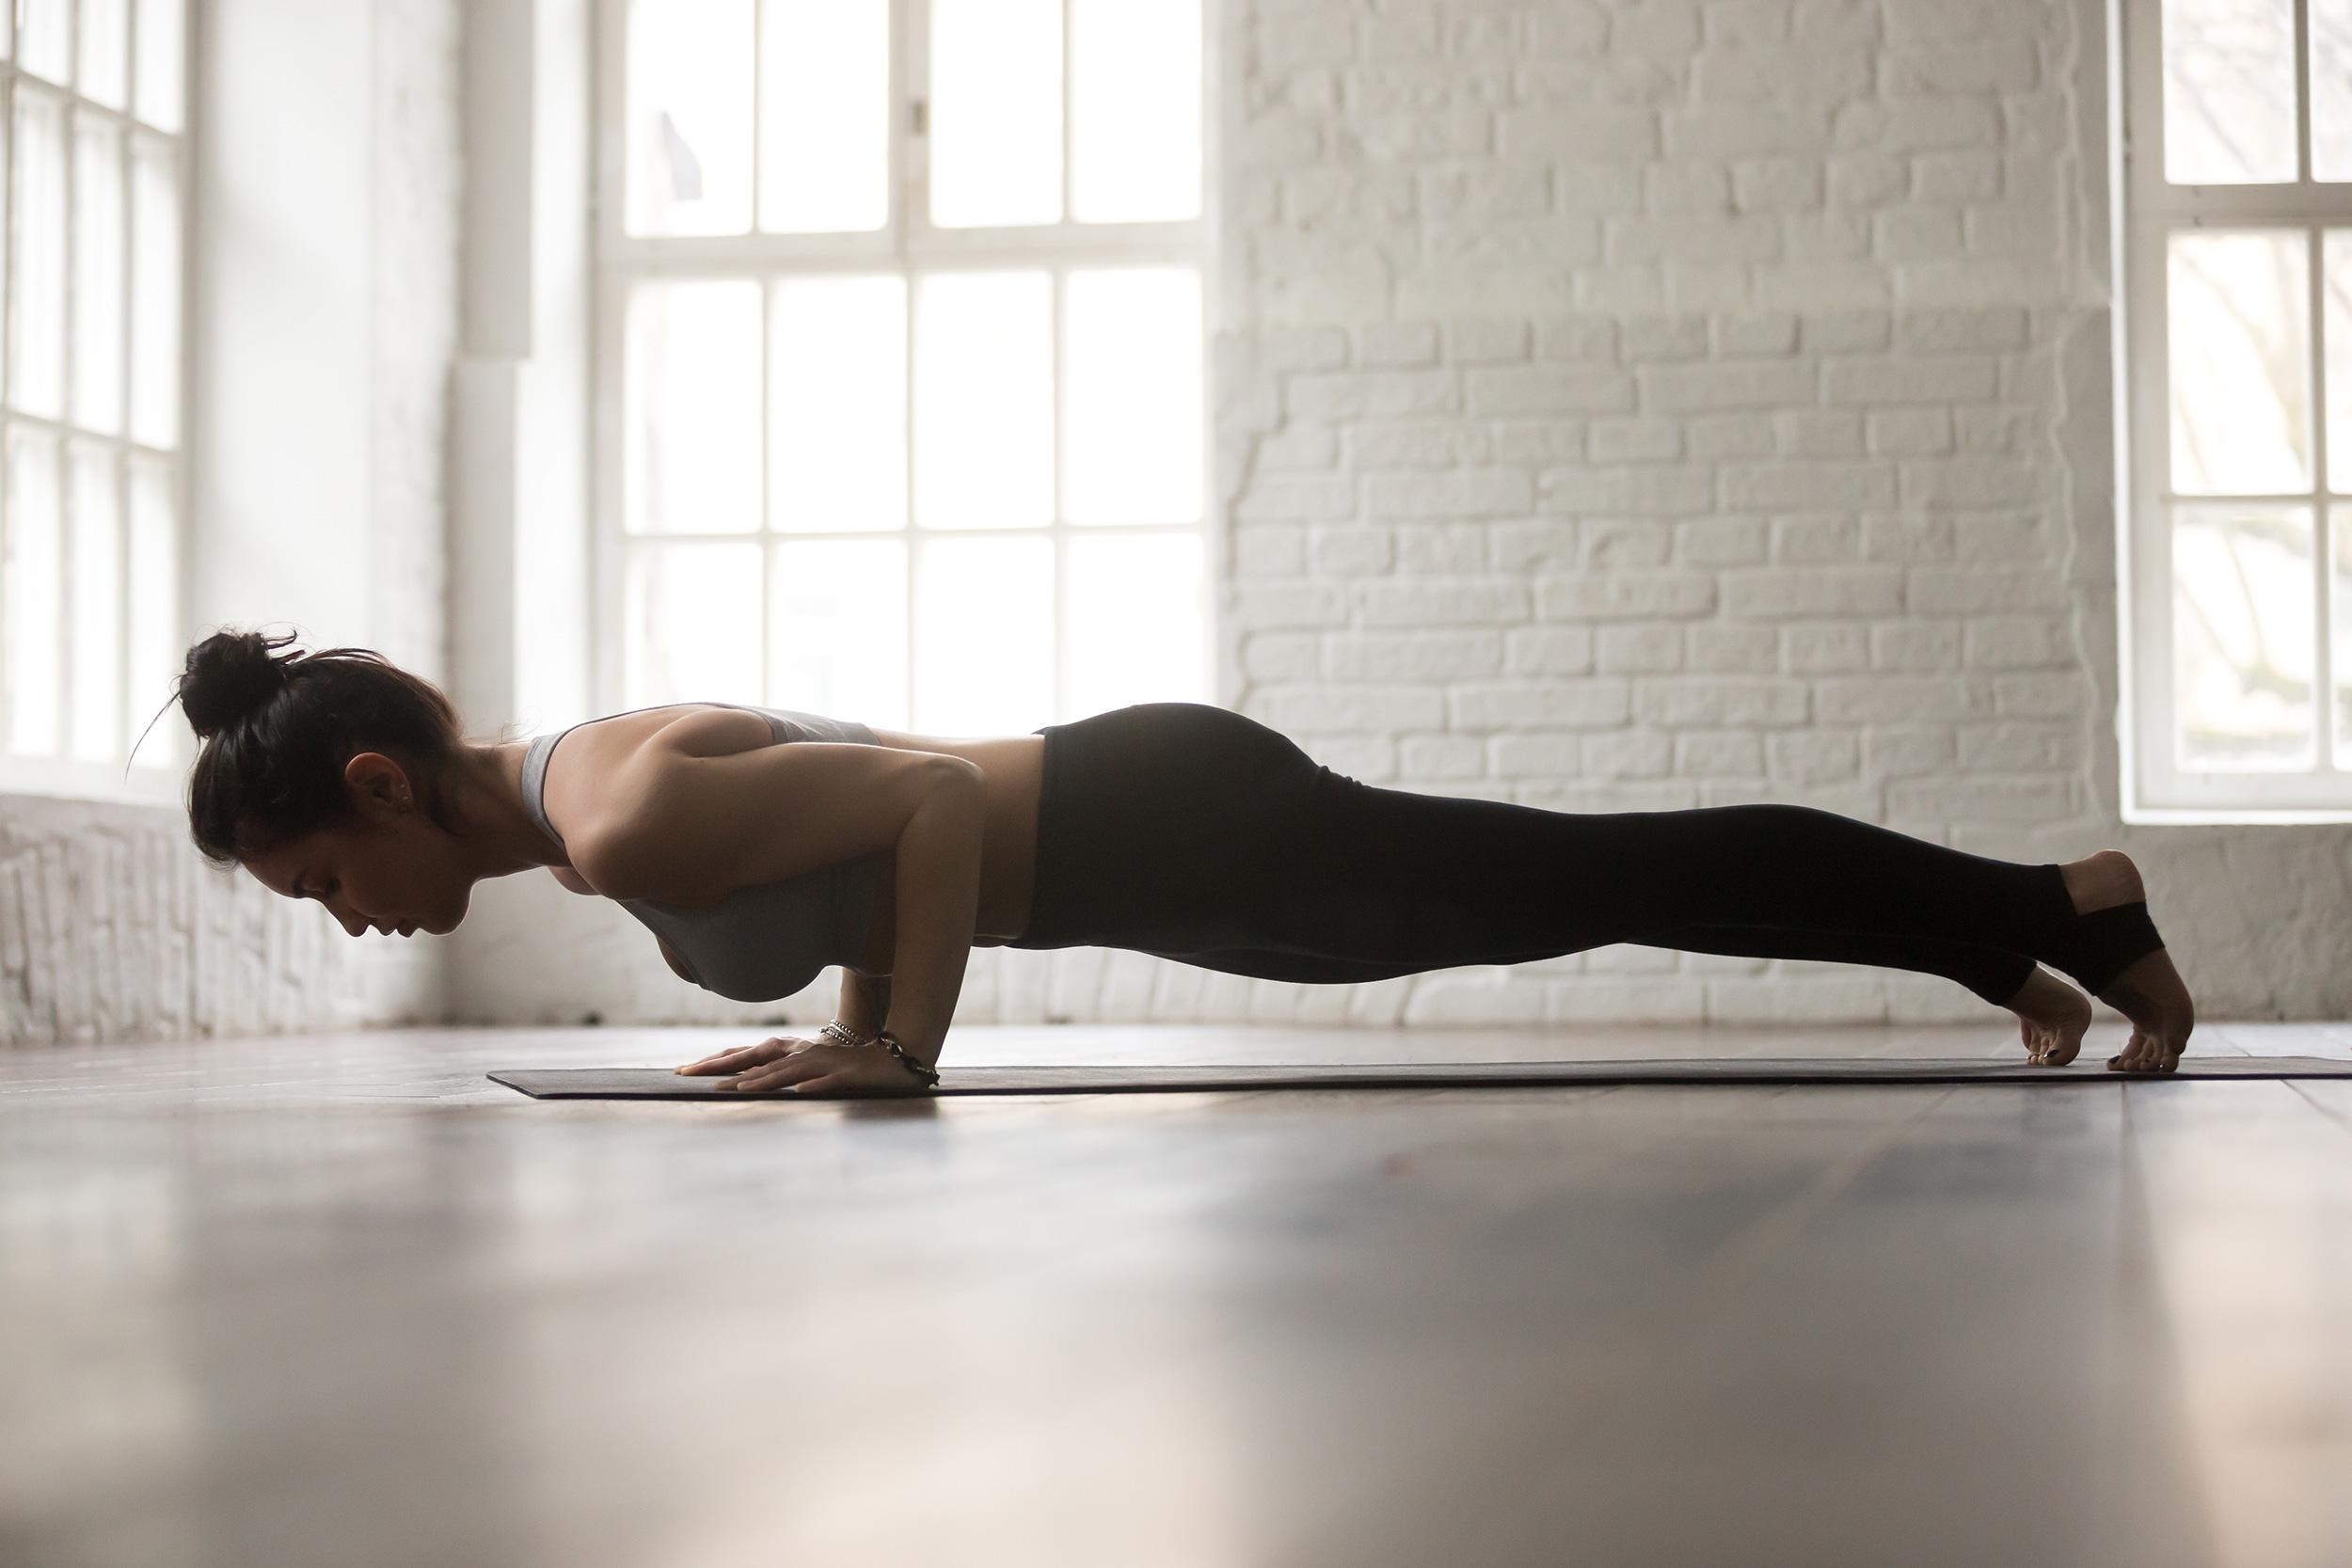 Djevojka vježba na podu na podlozi za vježbanje